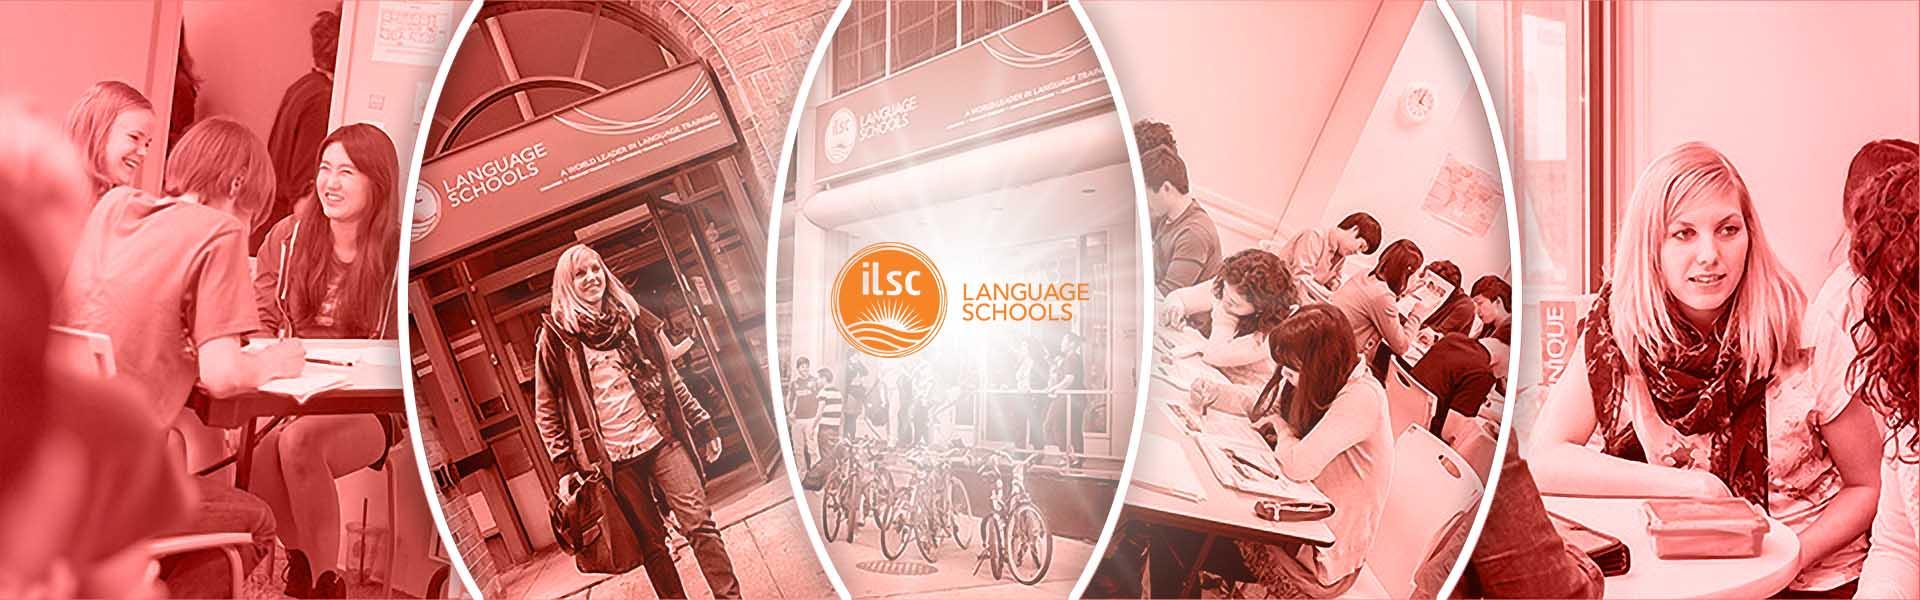 ILSC Toronto Dil Okulu